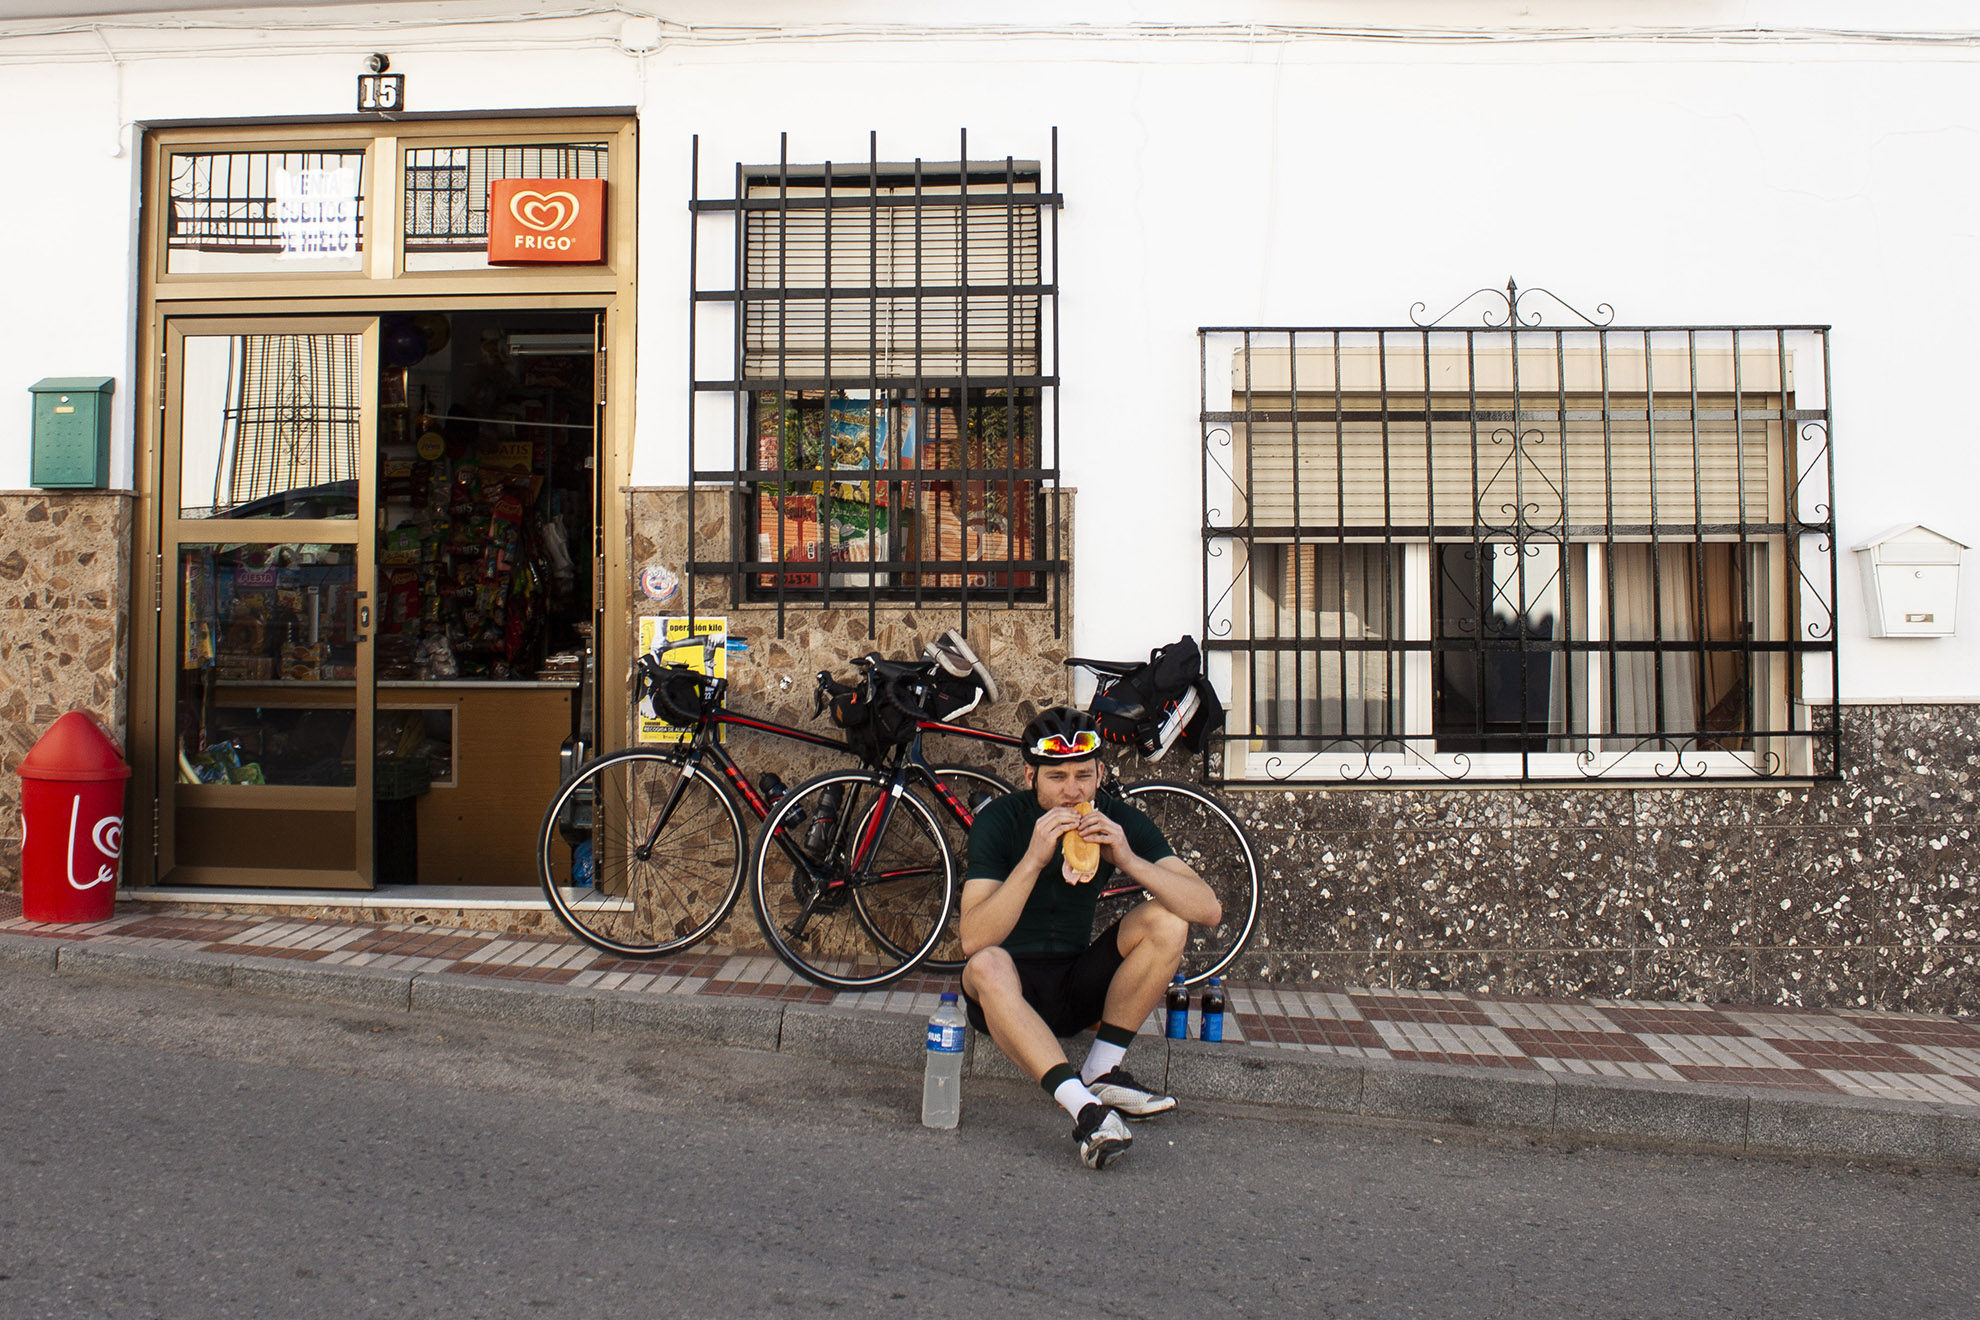 malaga-road-bike-rental-eat2.jpg